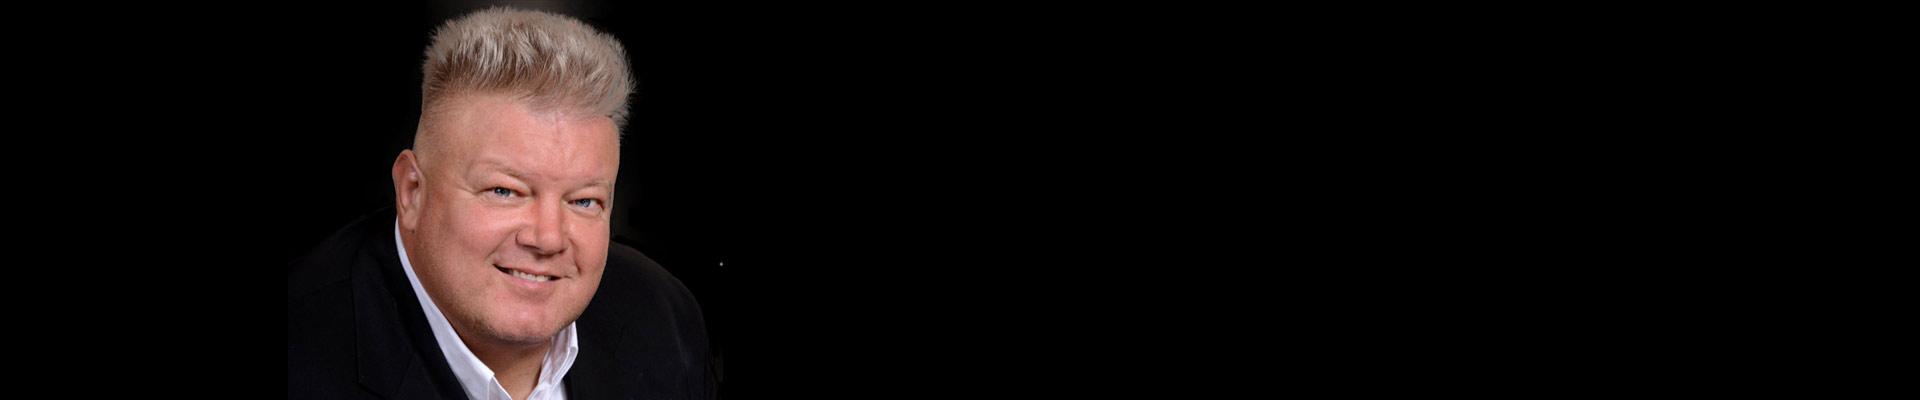 kwwiese-1